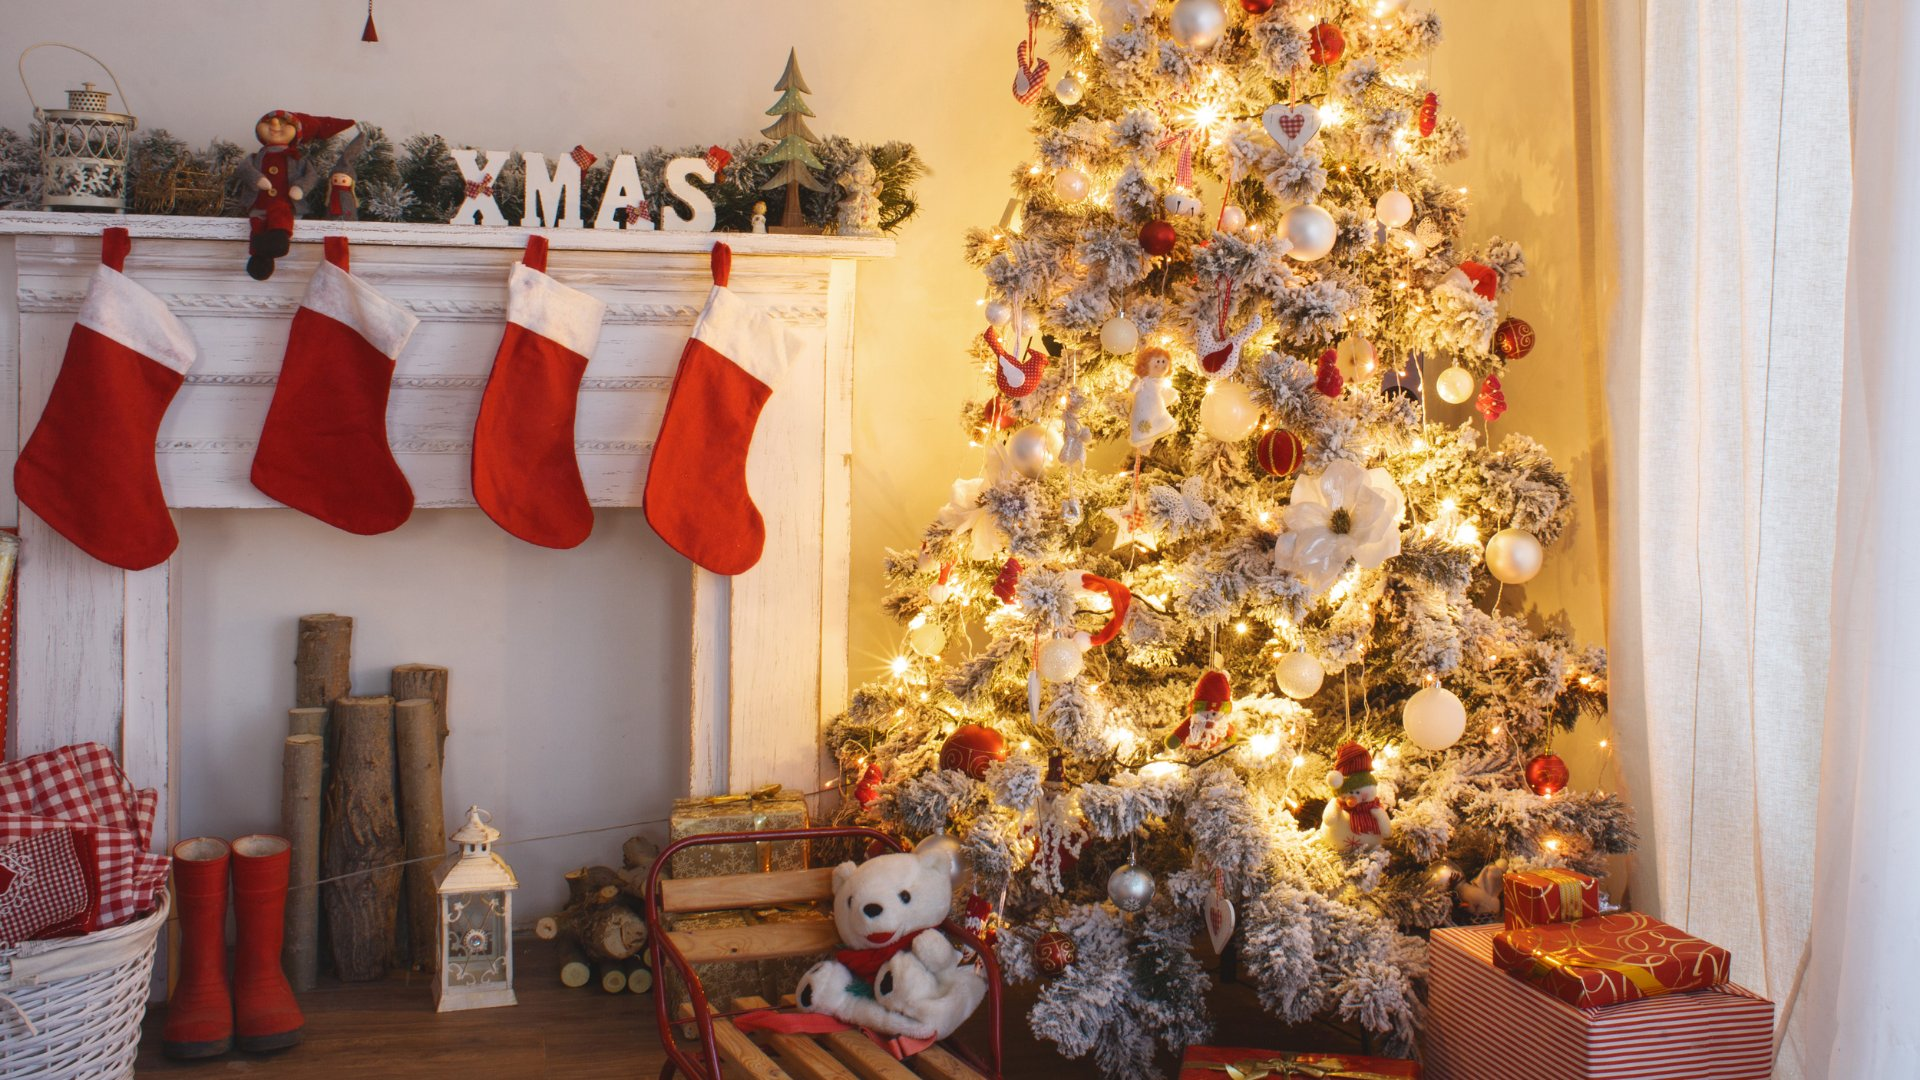 Árvore de natal iluminada com presentes de natal embaixo e meias penduradas na lareira